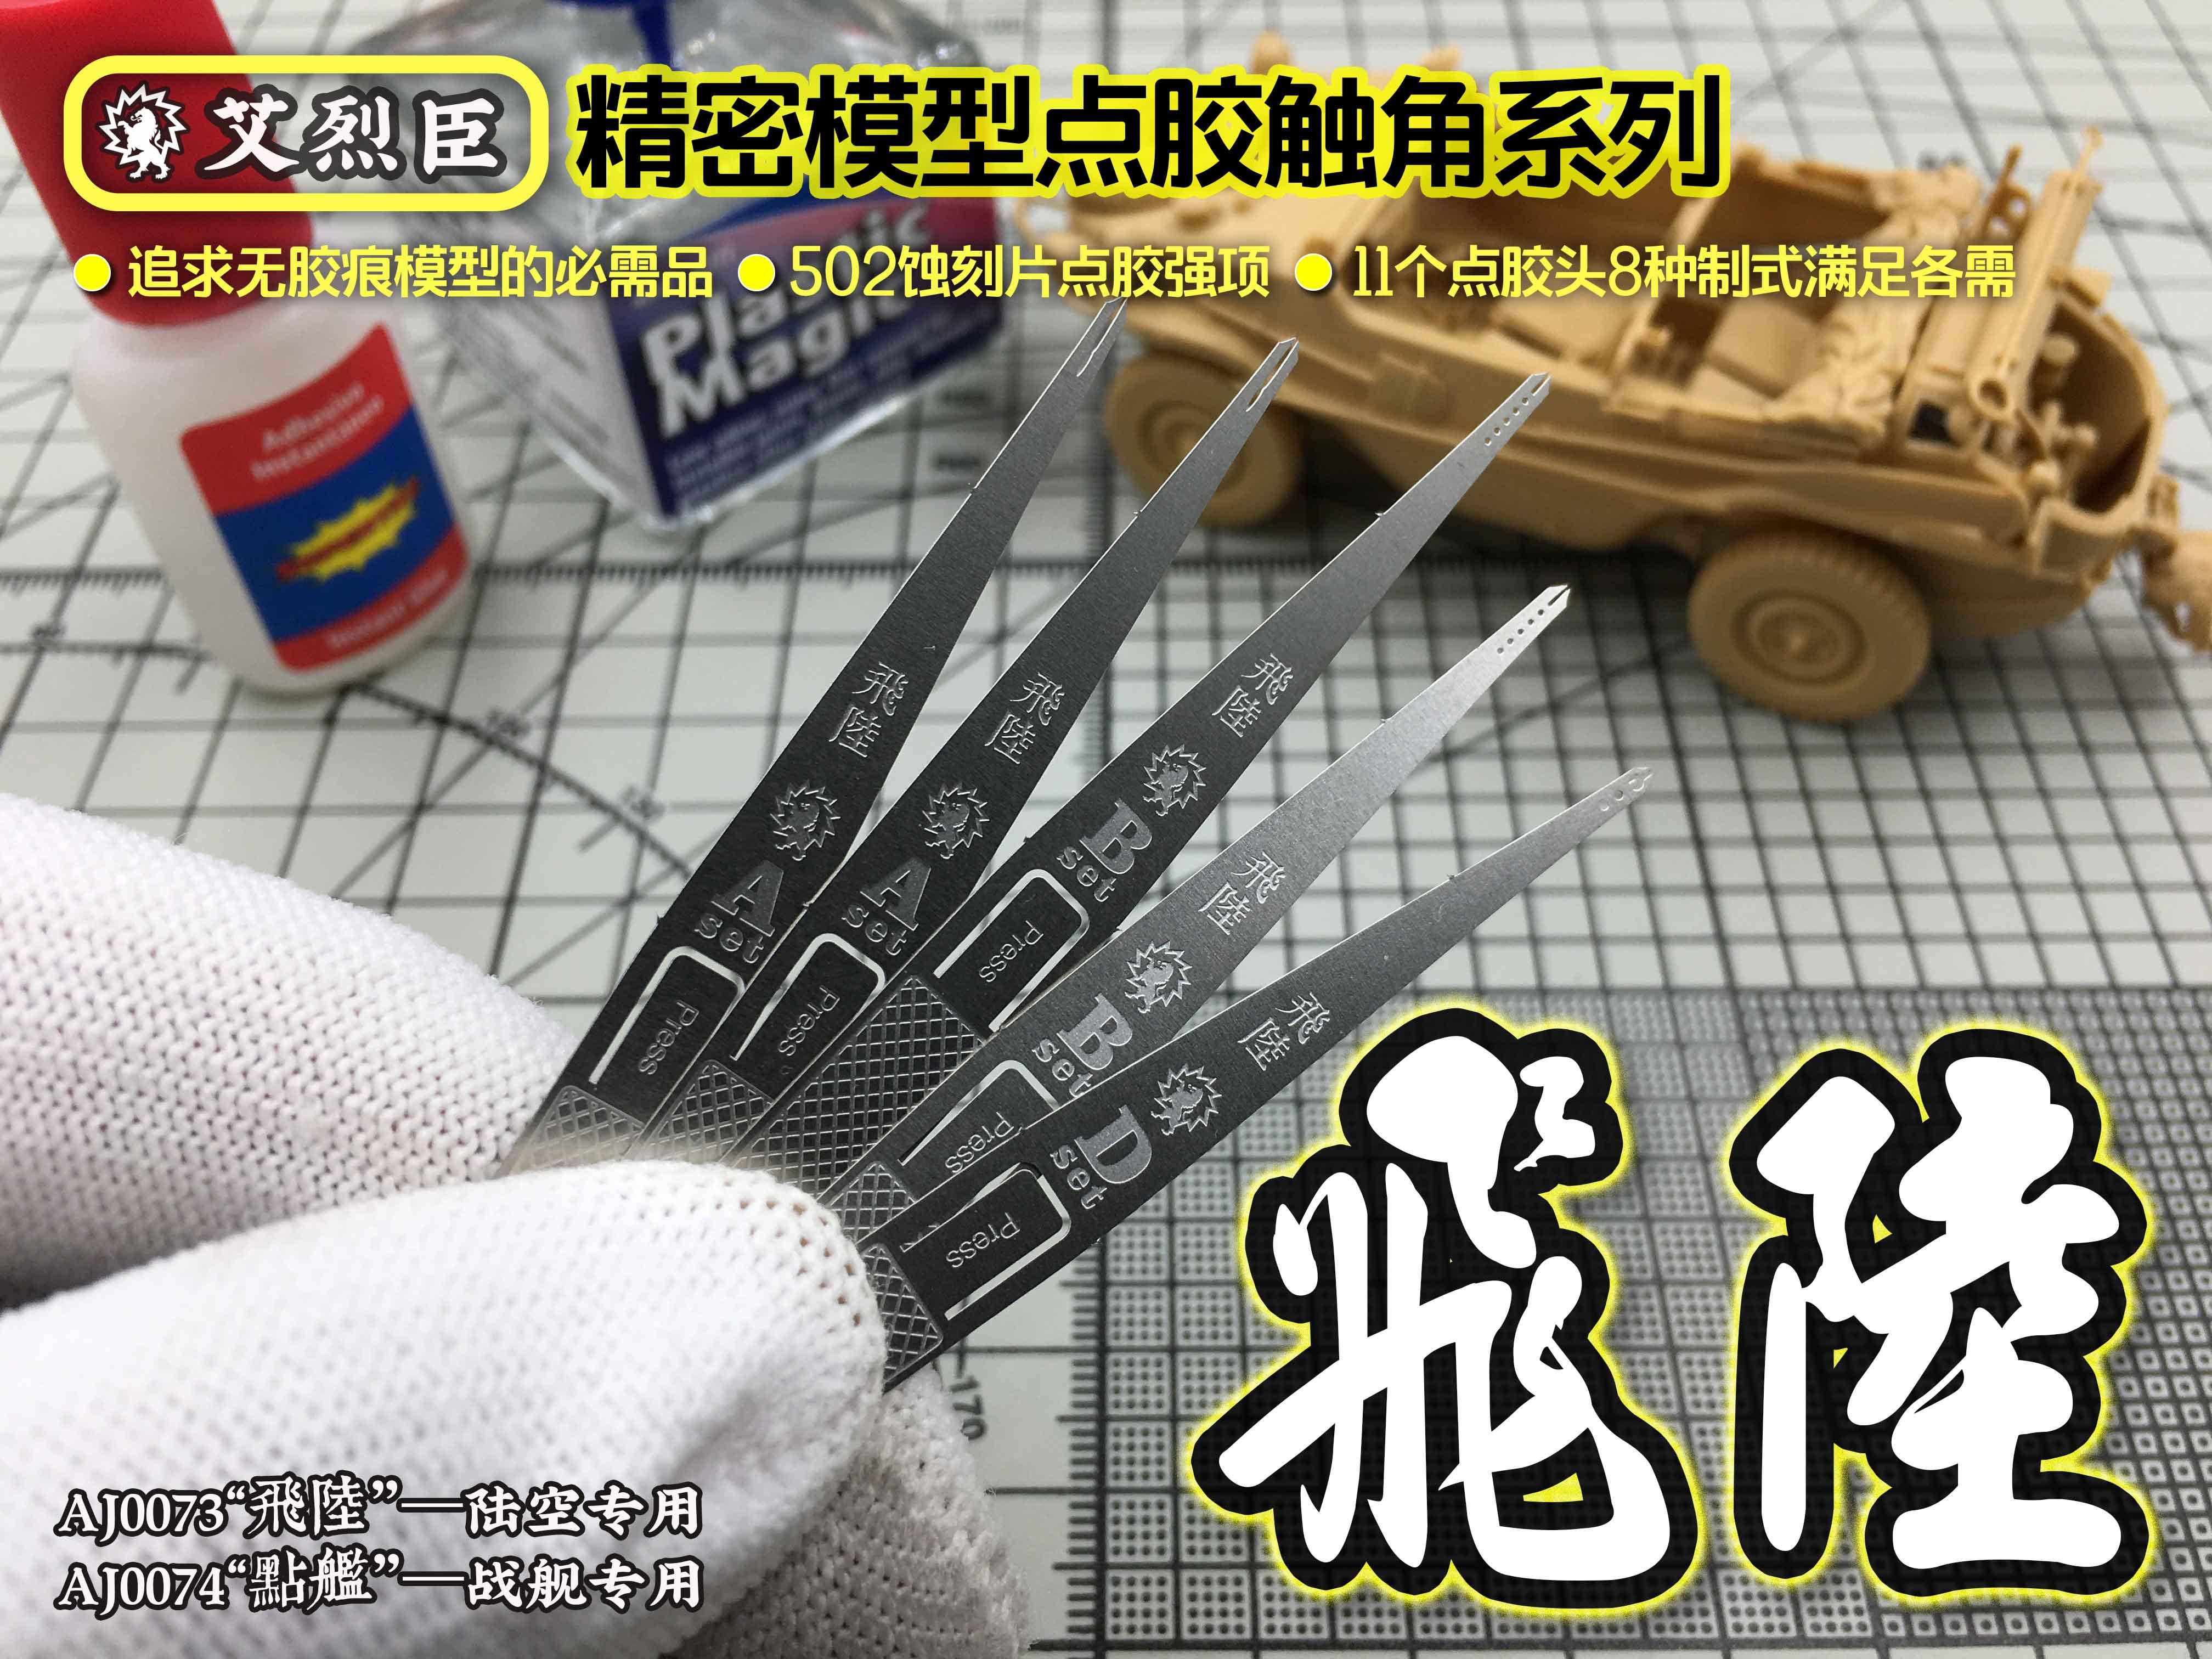 【艾烈臣品】AJ0073飛陸 模型工具 蚀刻片万能胶 点胶精灵触头